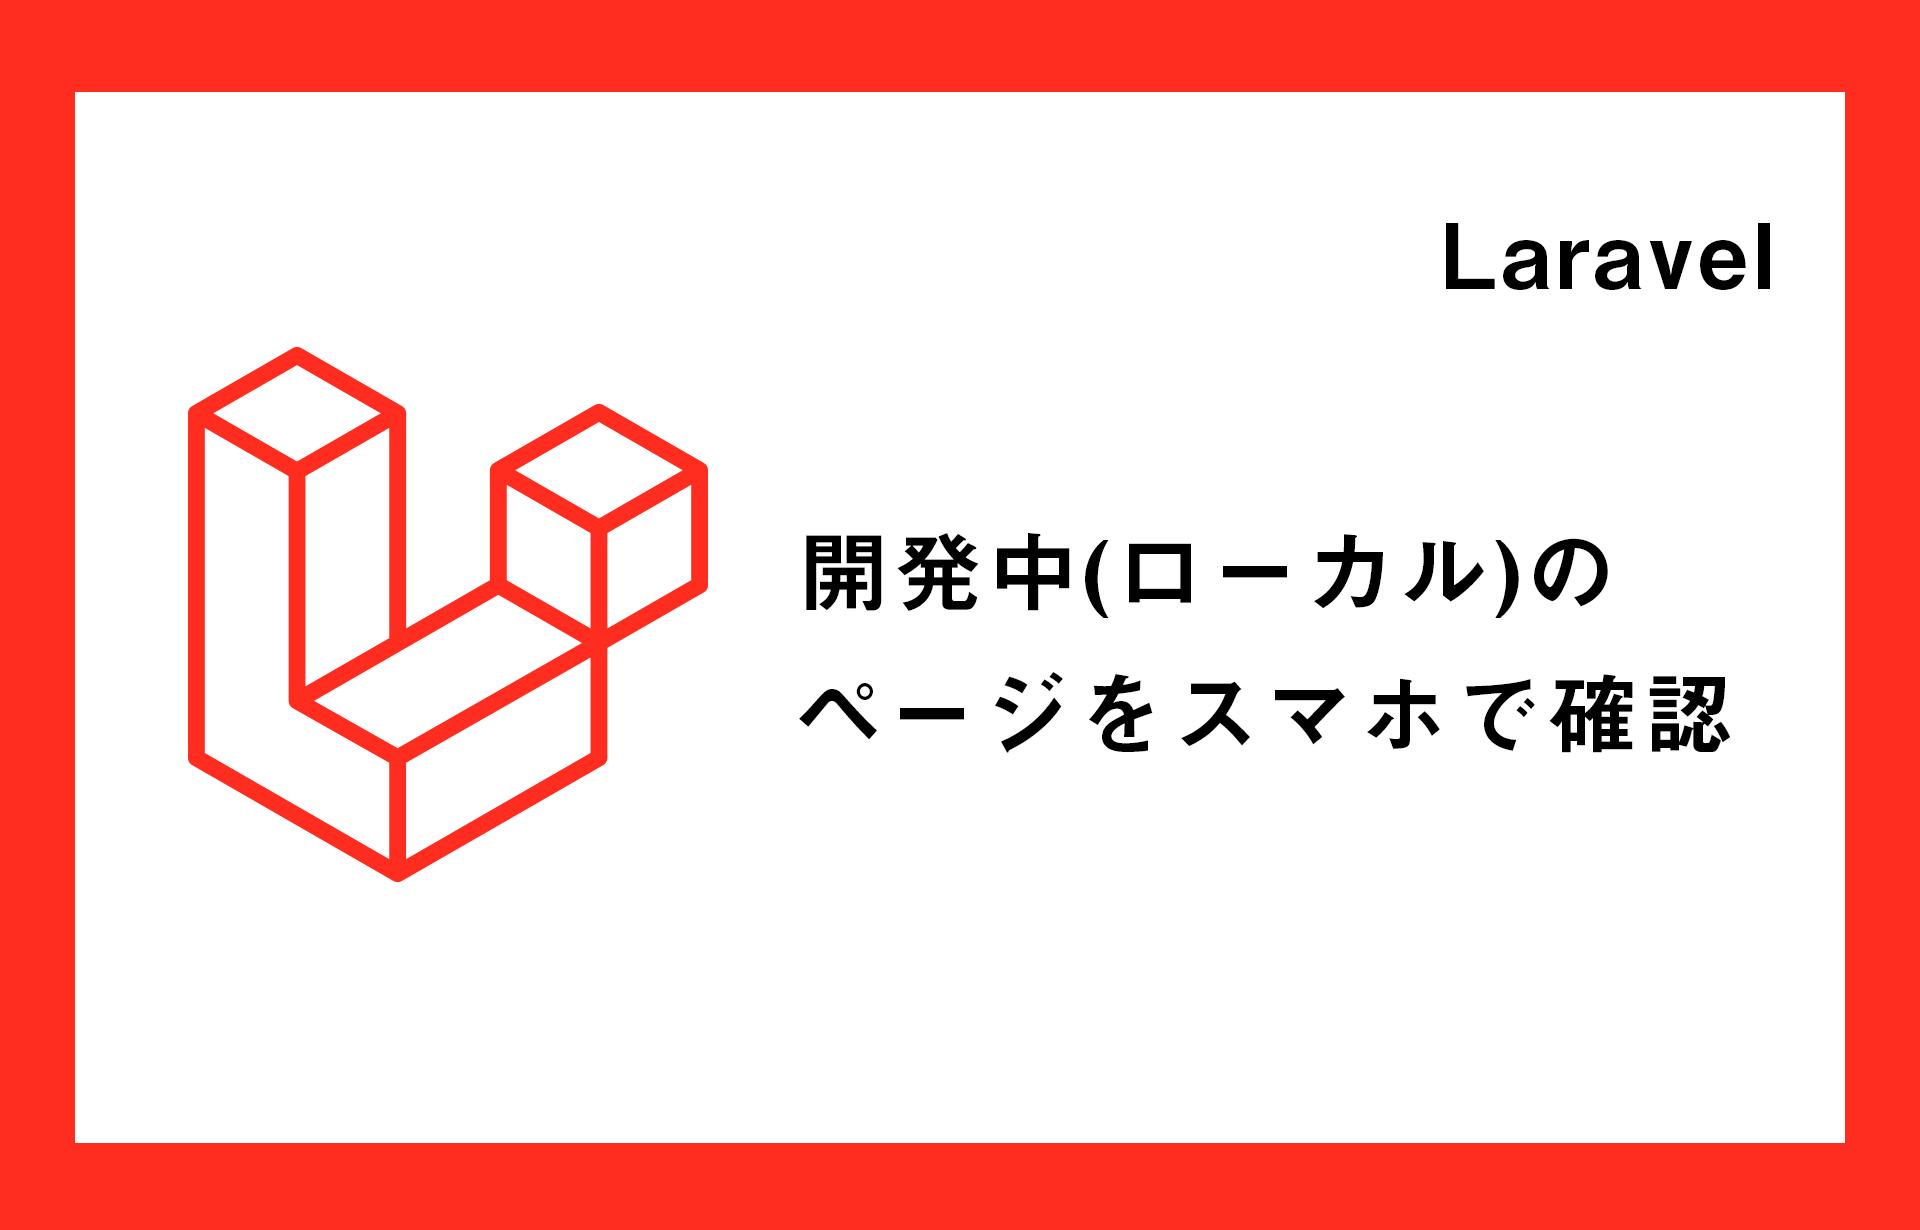 laravel_smartphone